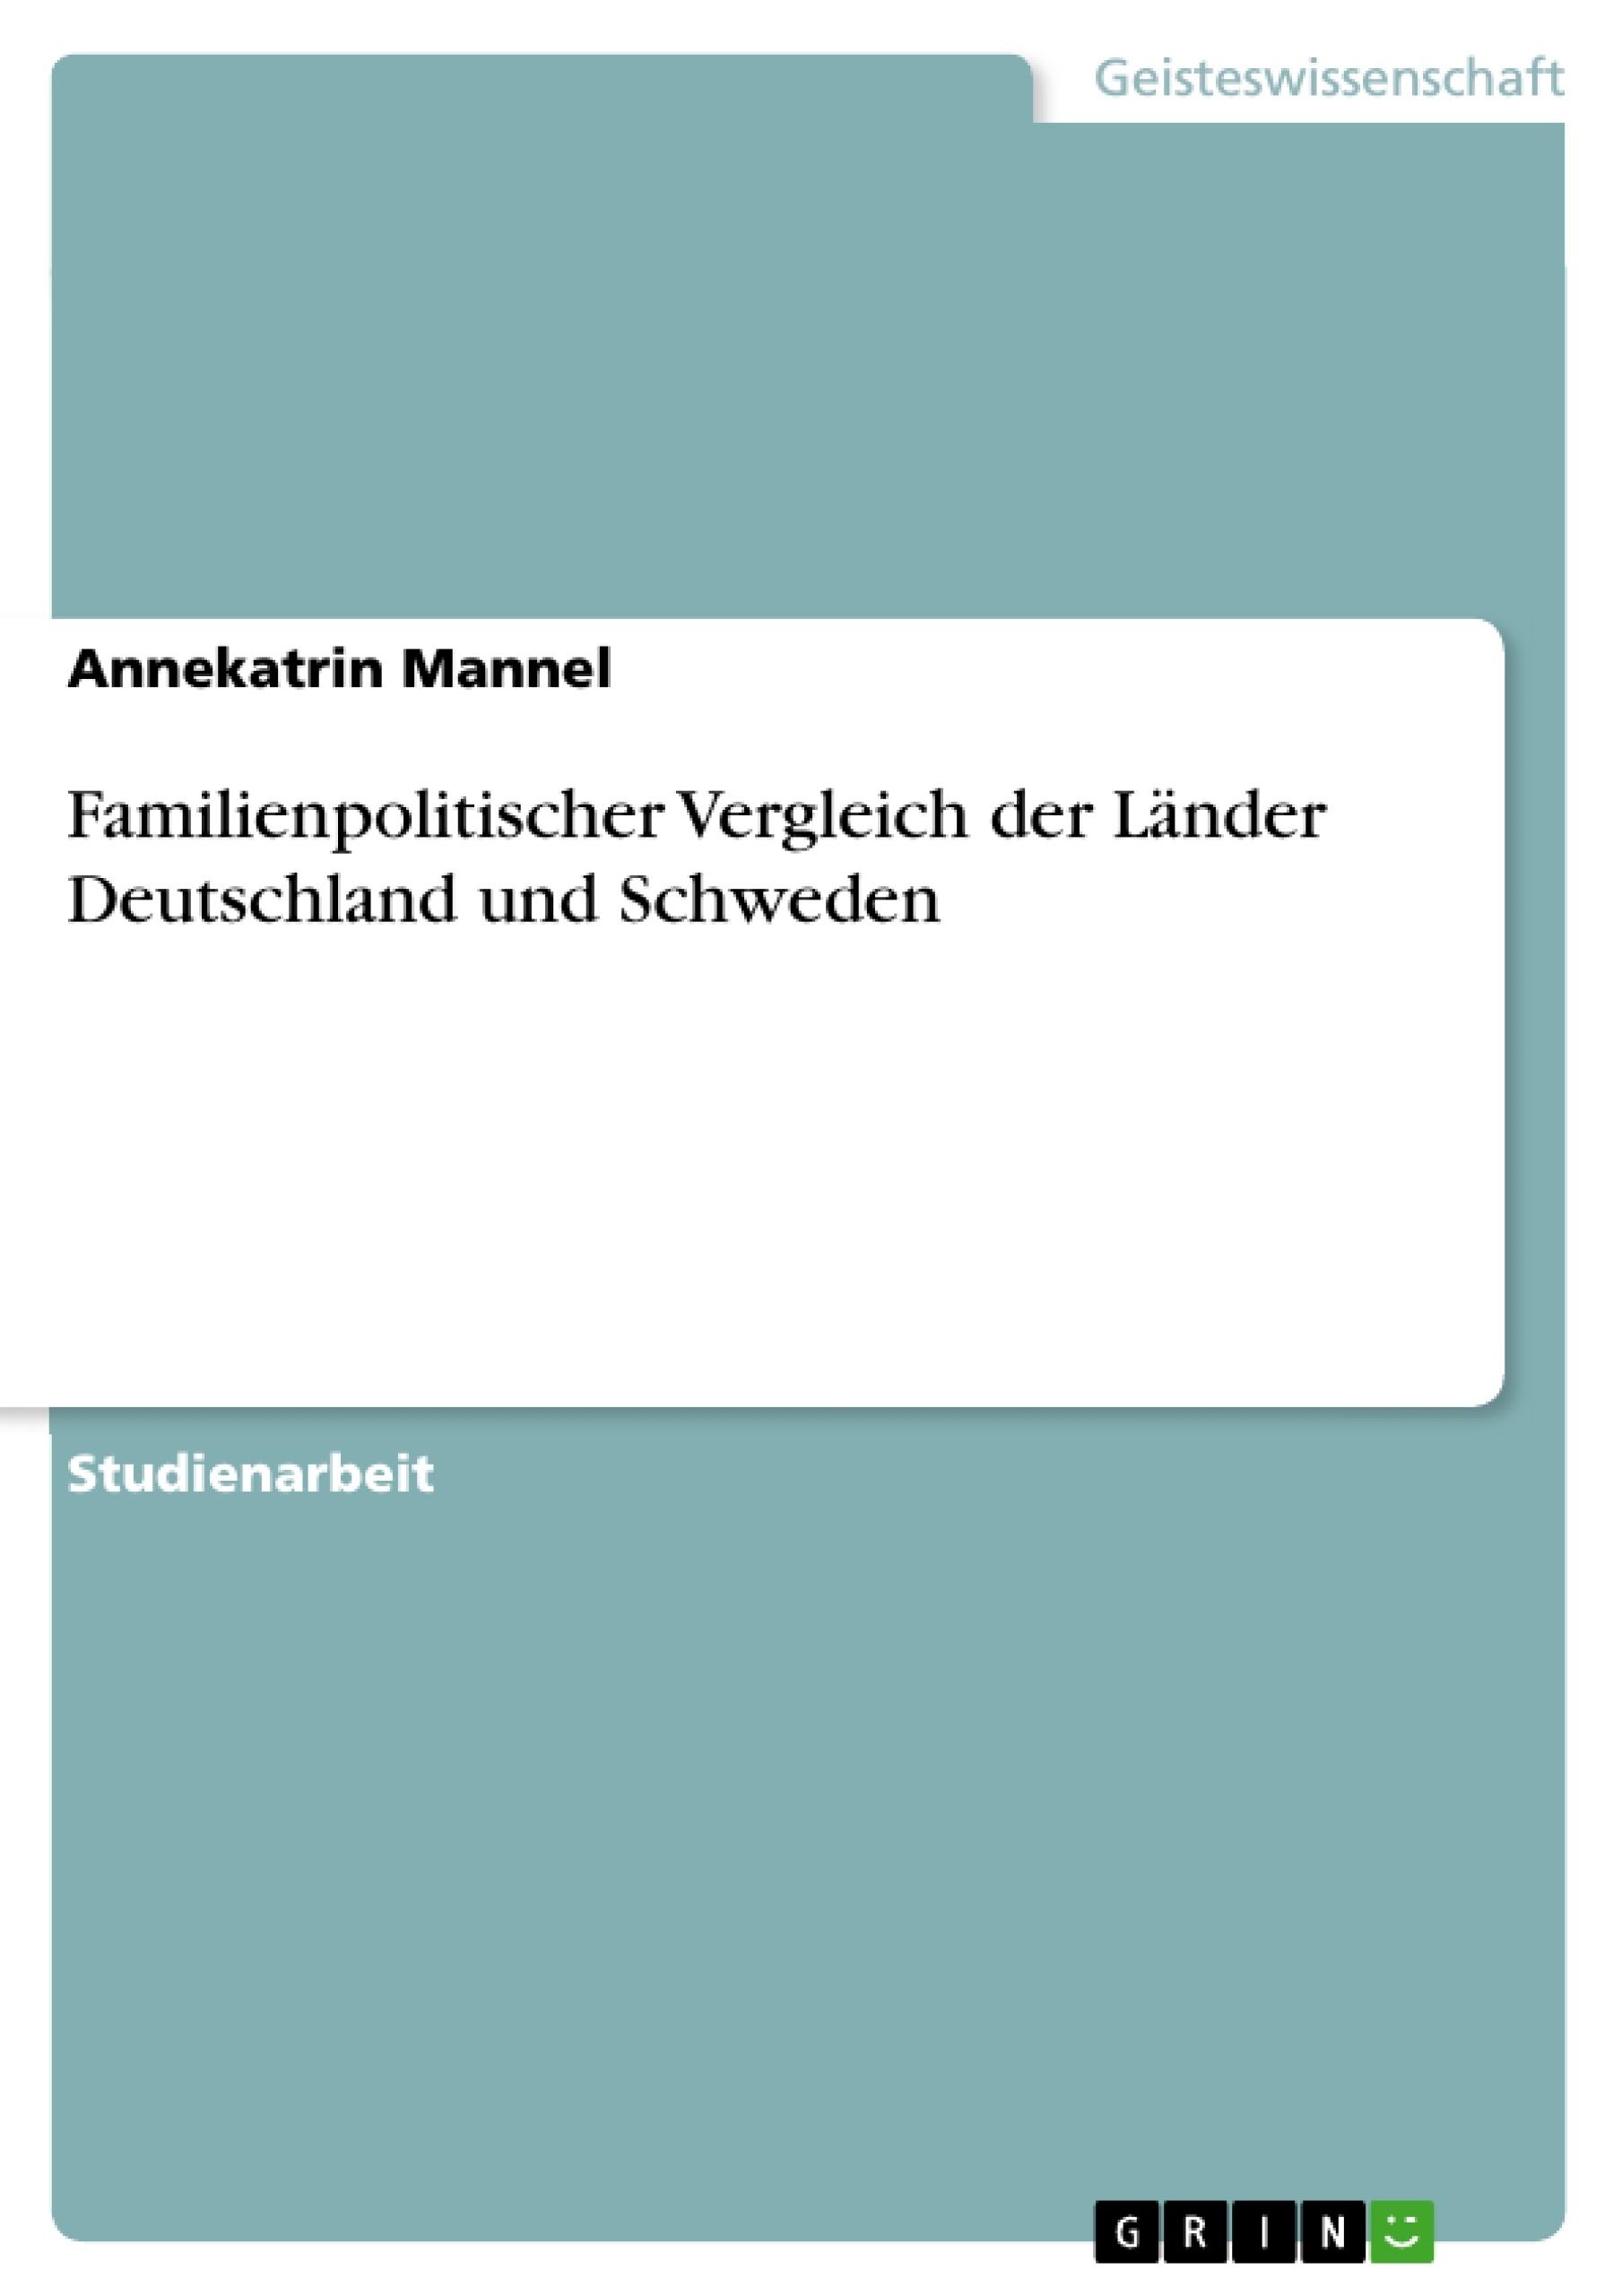 Titel: Familienpolitischer Vergleich der Länder Deutschland und Schweden